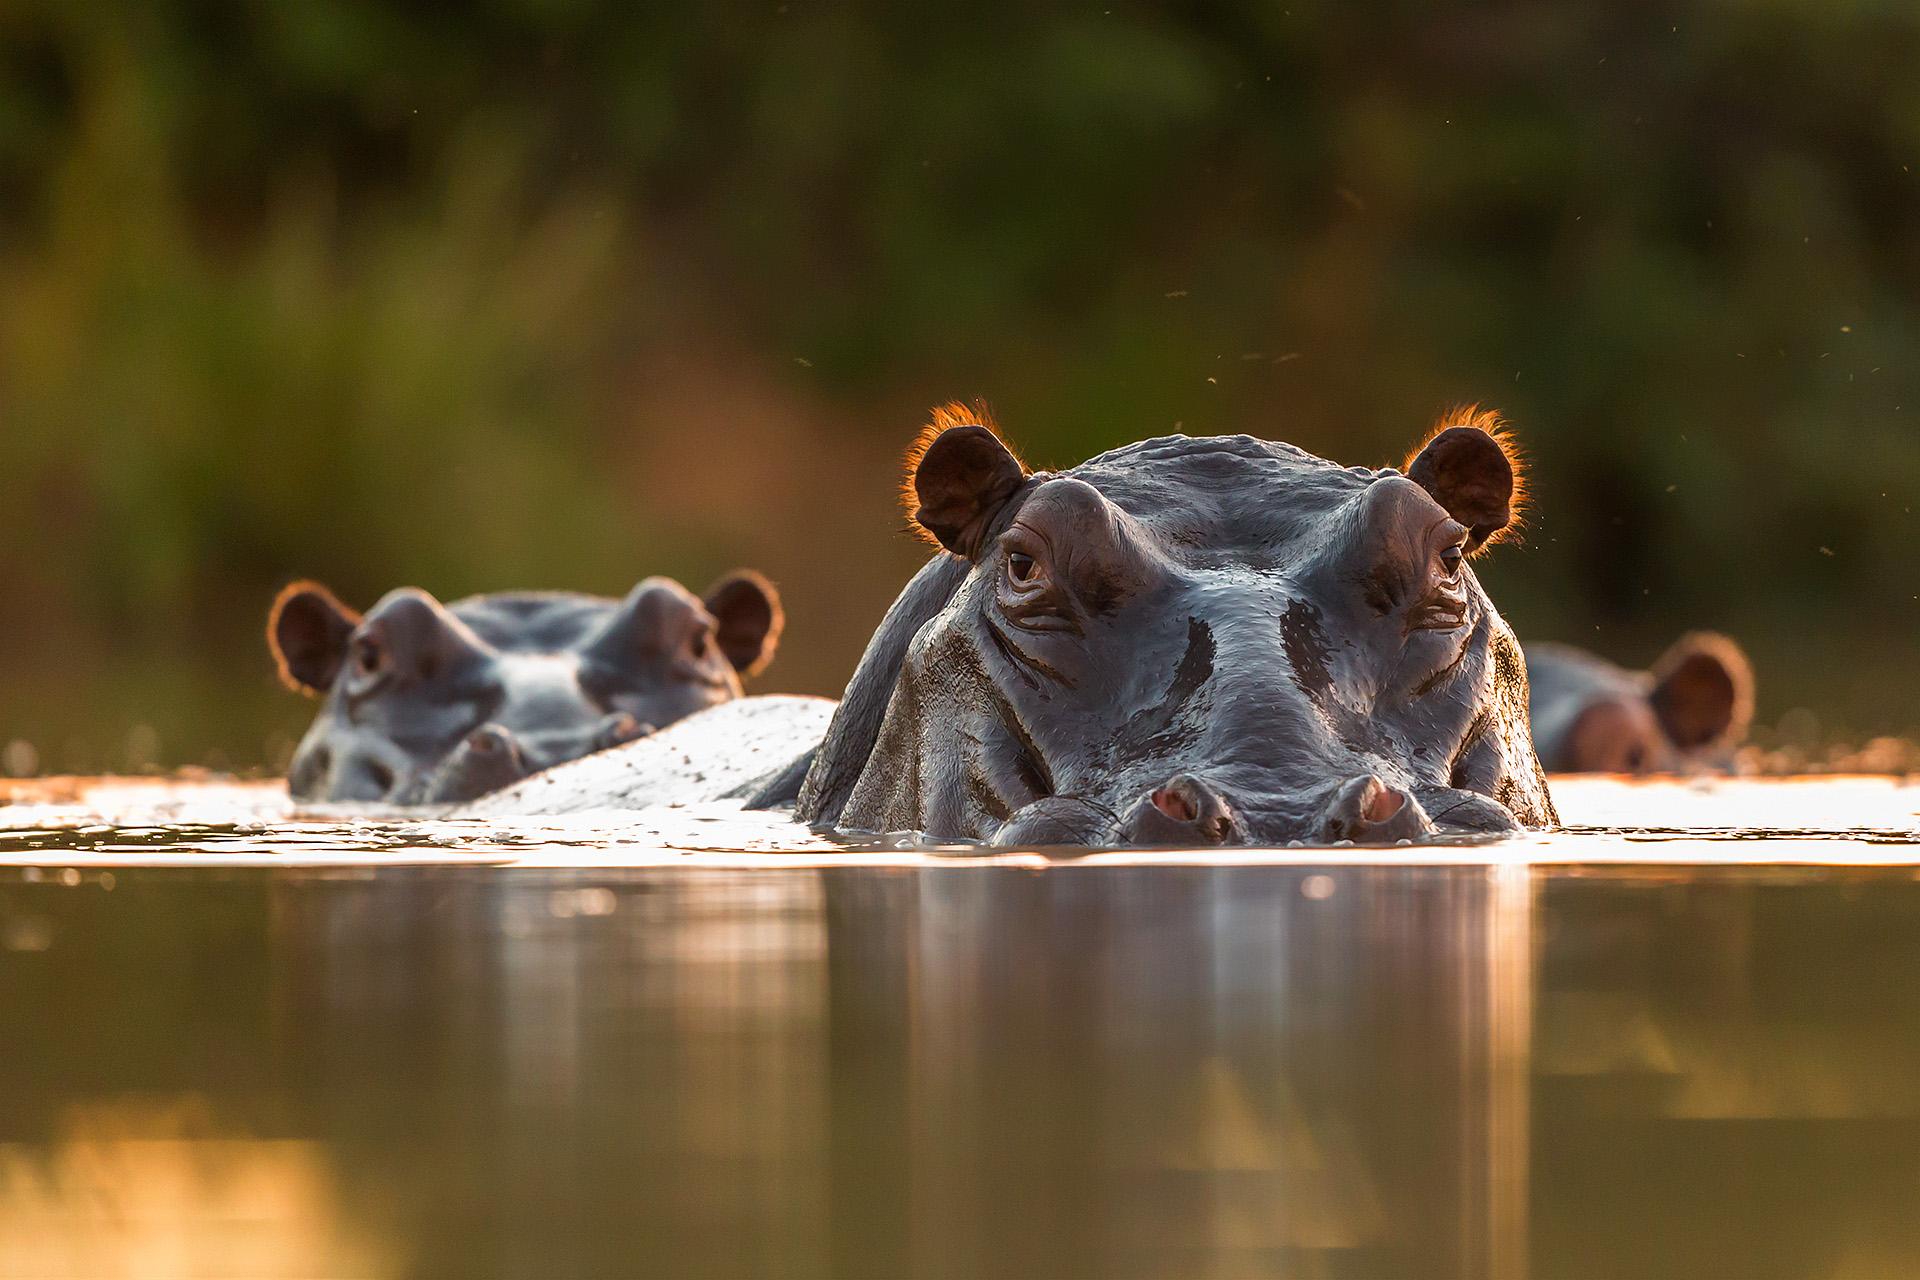 nijlpaarden wachten op de schemer om het water uit te komen om te gaan eten, hippos waiting for the darkness to get out of the water to start feeding on grass